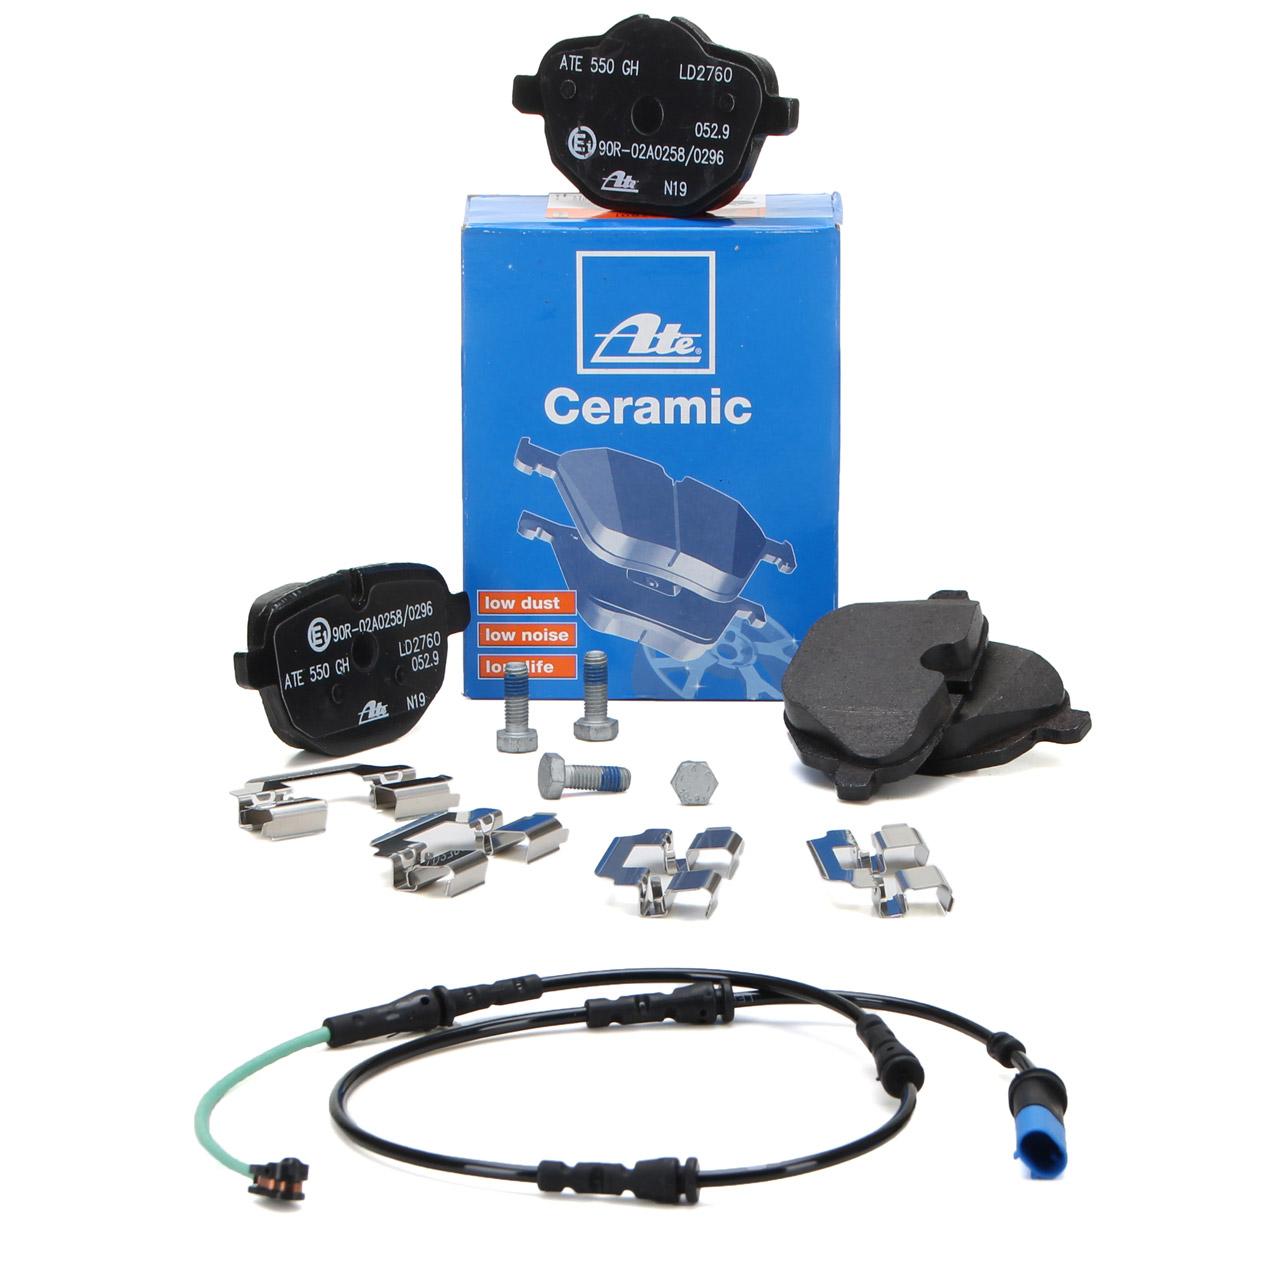 ATE CERAMIC Bremsbeläge + Warnkontaktkabel BMW 5er G30 7er G11 G12 hinten